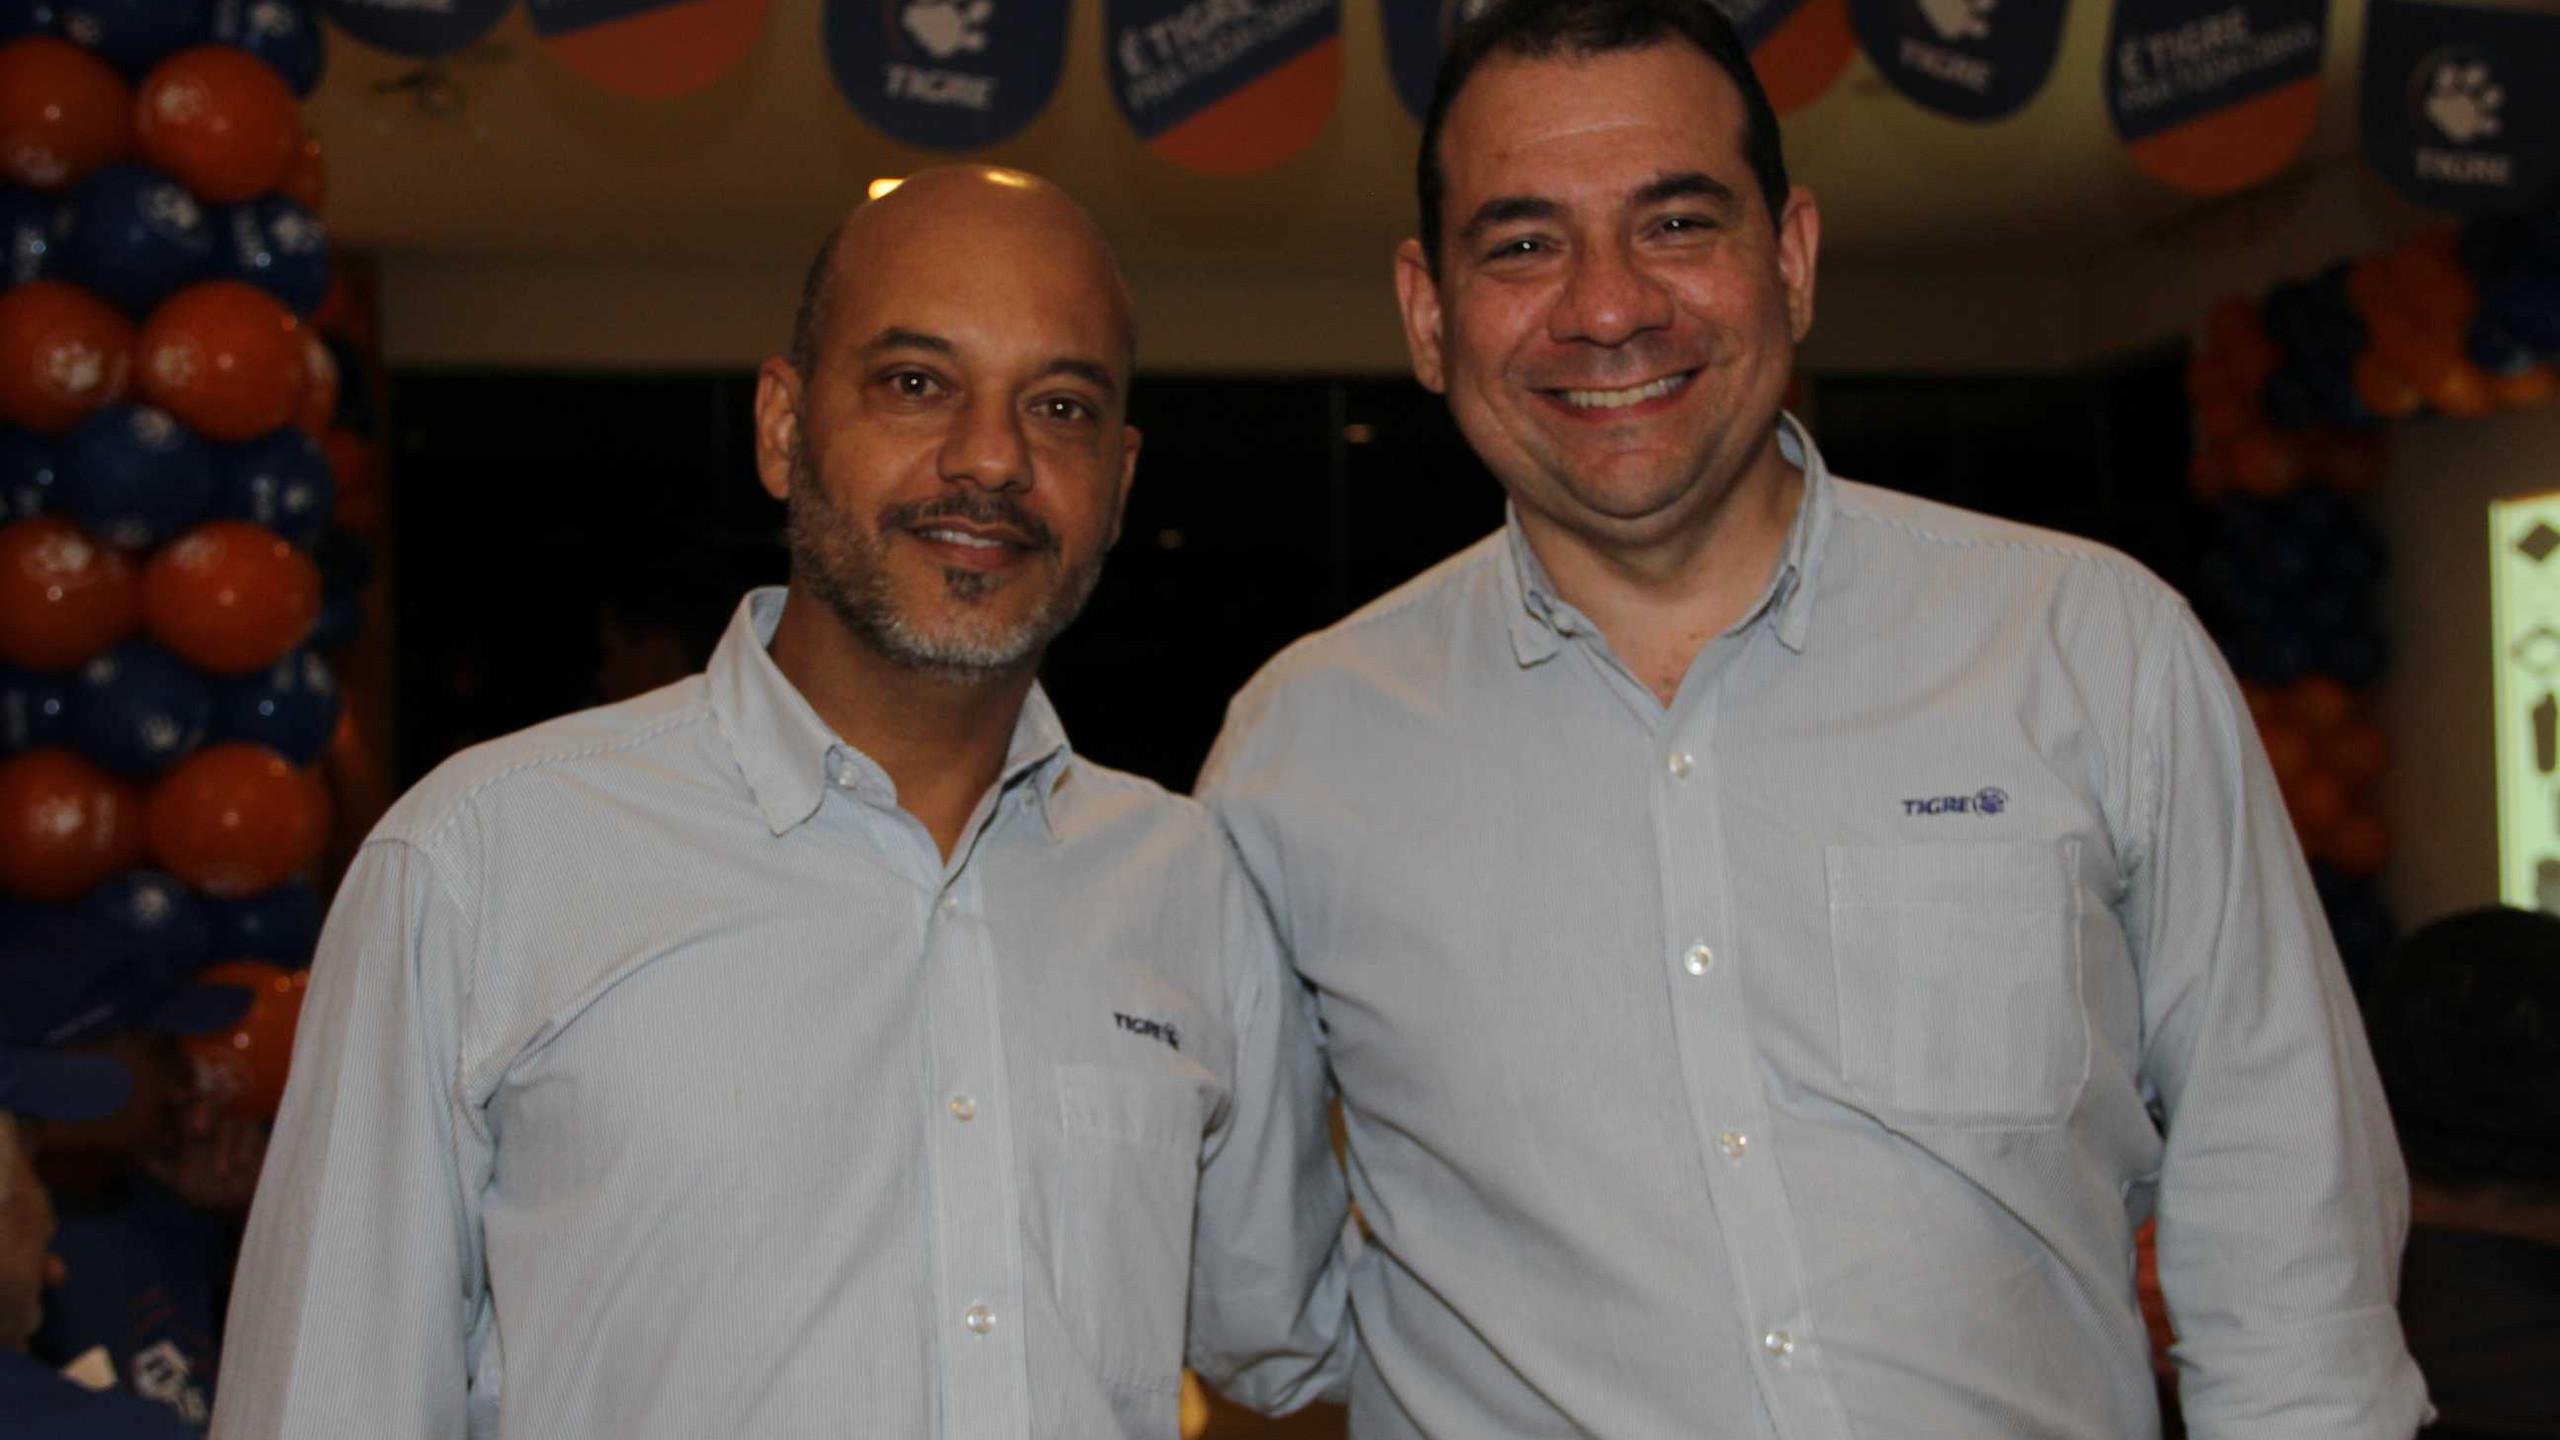 O representante de vendas da Tigre em São Luís Roberto Abreu  e o supervisor de vendas Cláudio Costa, na Festa do Instalador 2019.